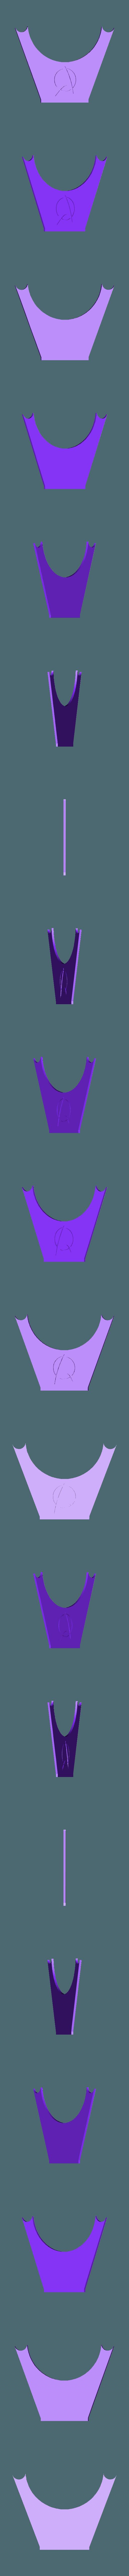 Base Back.stl Download free STL file Star Trek USS Enterprise NCC 1701 • 3D printing object, Dsk